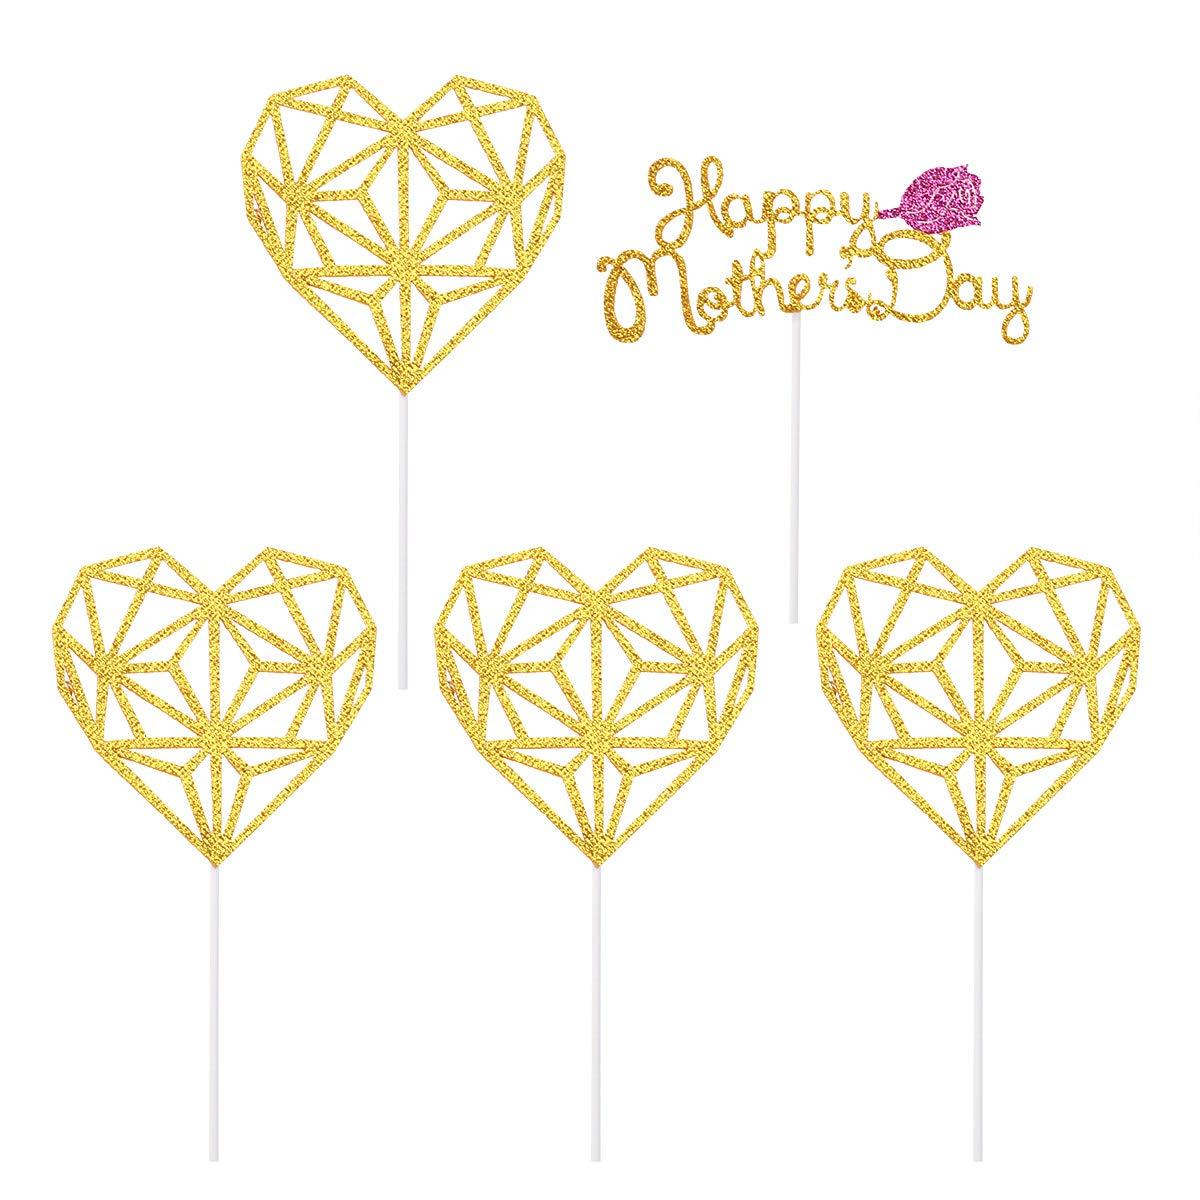 Amosfun 5 unids Feliz Día de la Madre Cake Toppers Glitter corazón Cupcake Toppers Decoraciones de la Torta día de la Madre Suministros de Fiesta Decoraciones